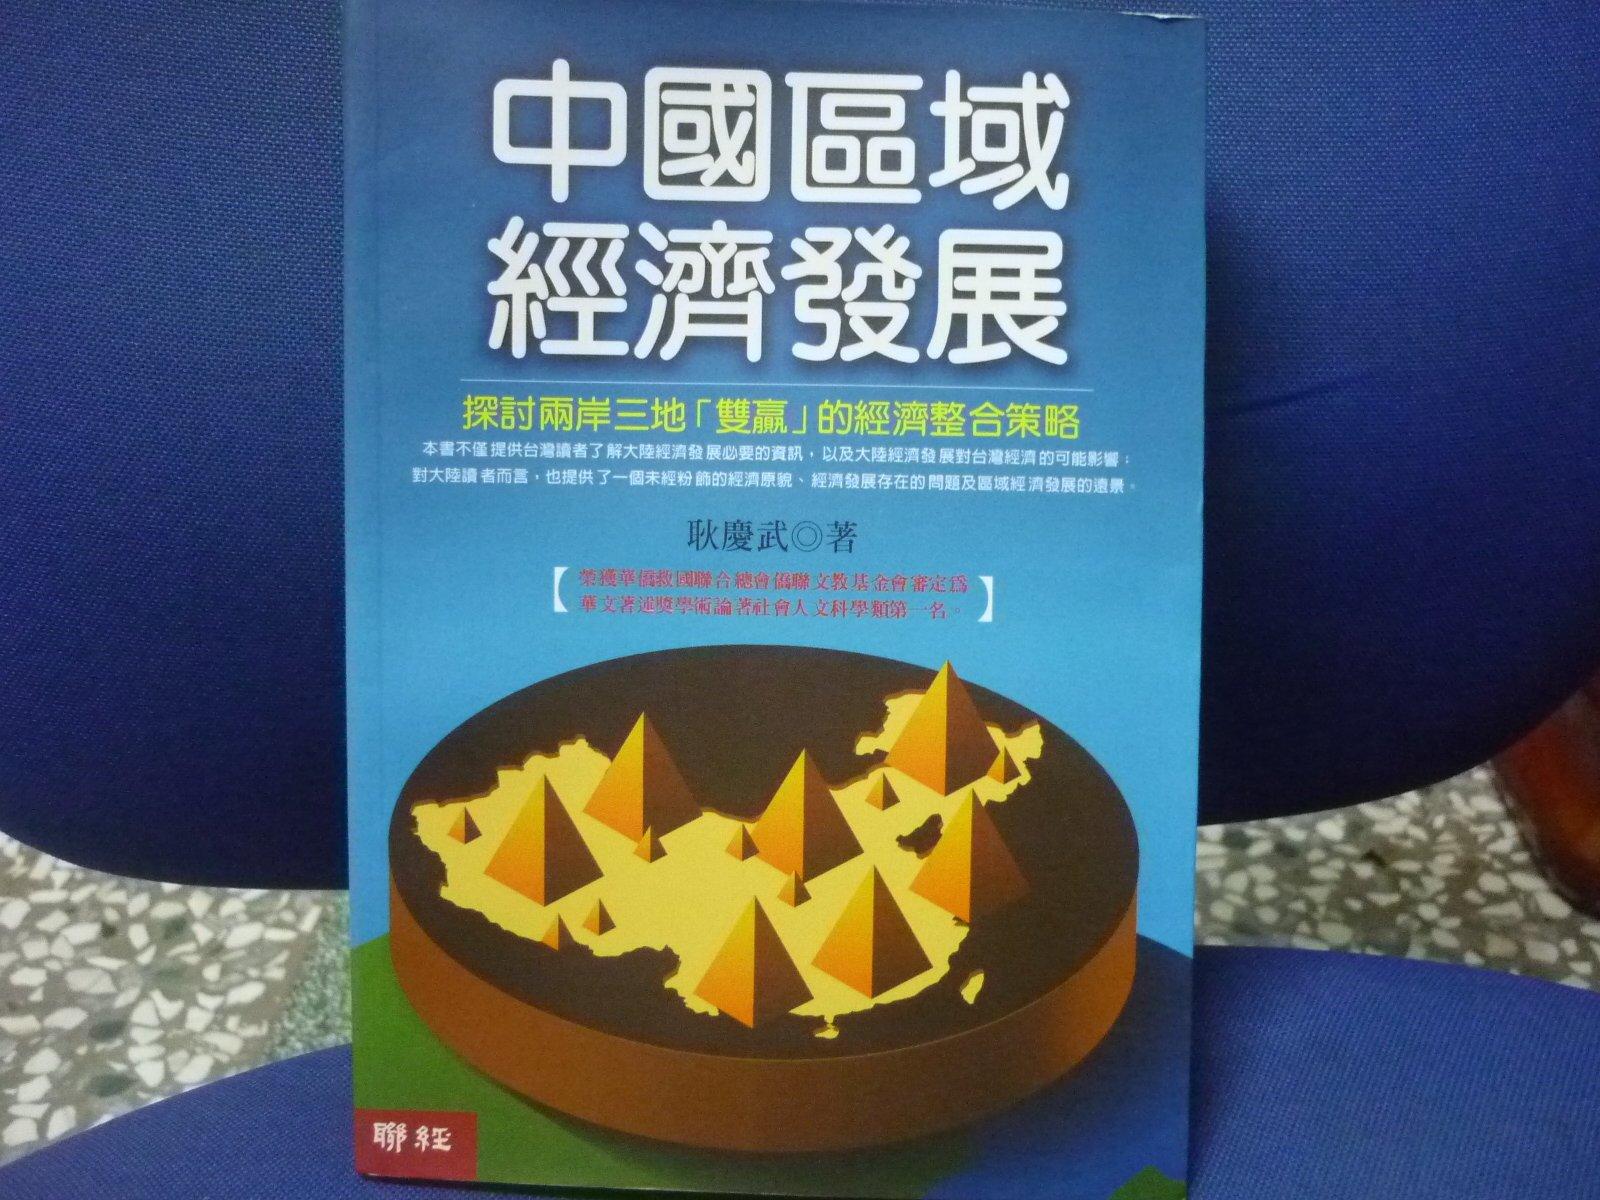 (ゝ∀・)範本 [西2-1區] 收藏書 (絕版) 中國區域經濟發展-耿慶武- 即得標 ♛ (ゝ∀・)